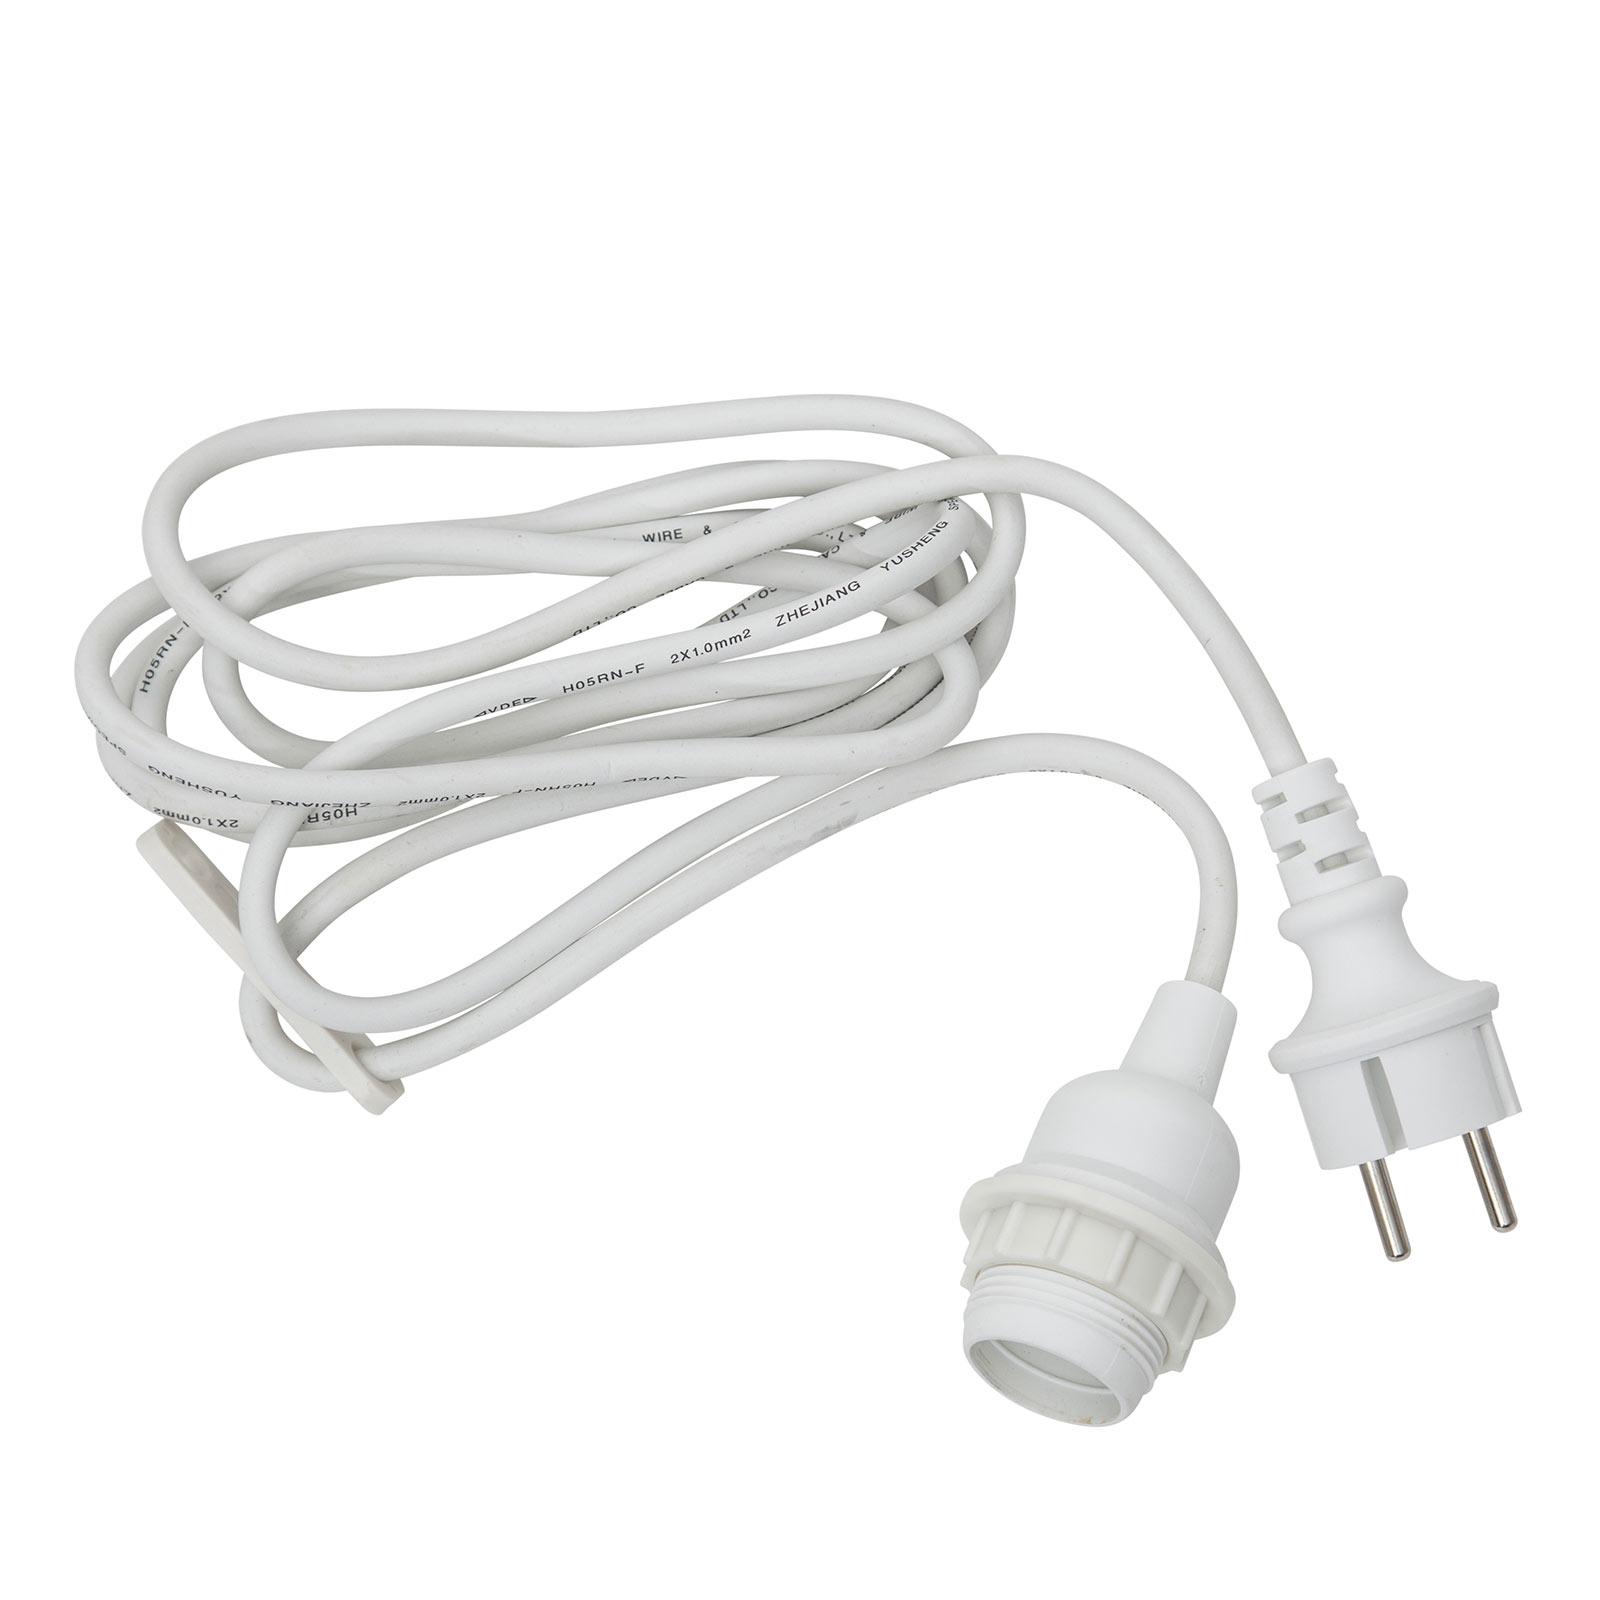 E27-fitting met kabel Ute, 2,5 m, wit